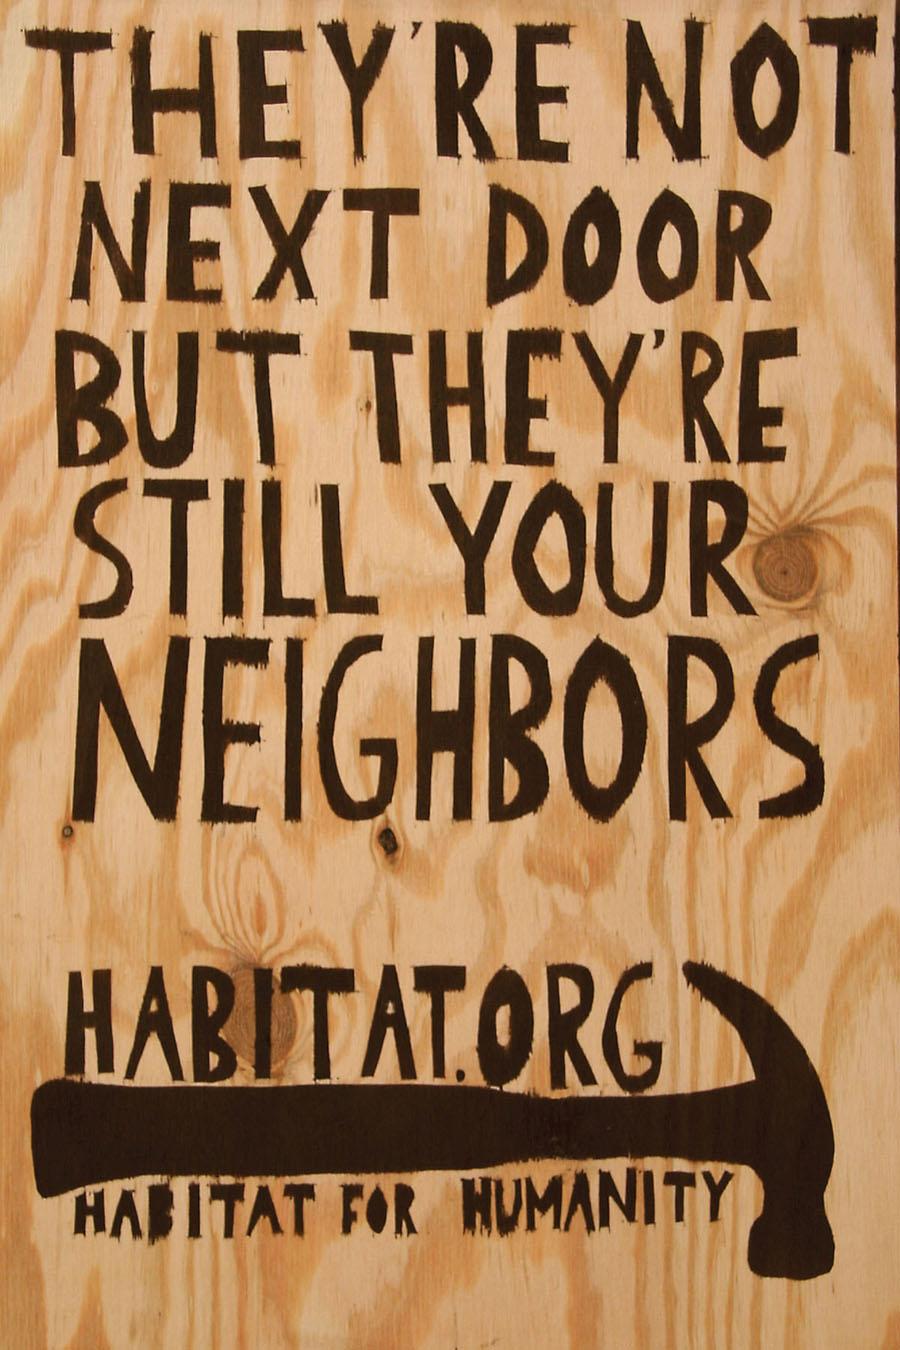 7243fa7392308cfdbdb3_Habitat-For-Humanity-3.jpg